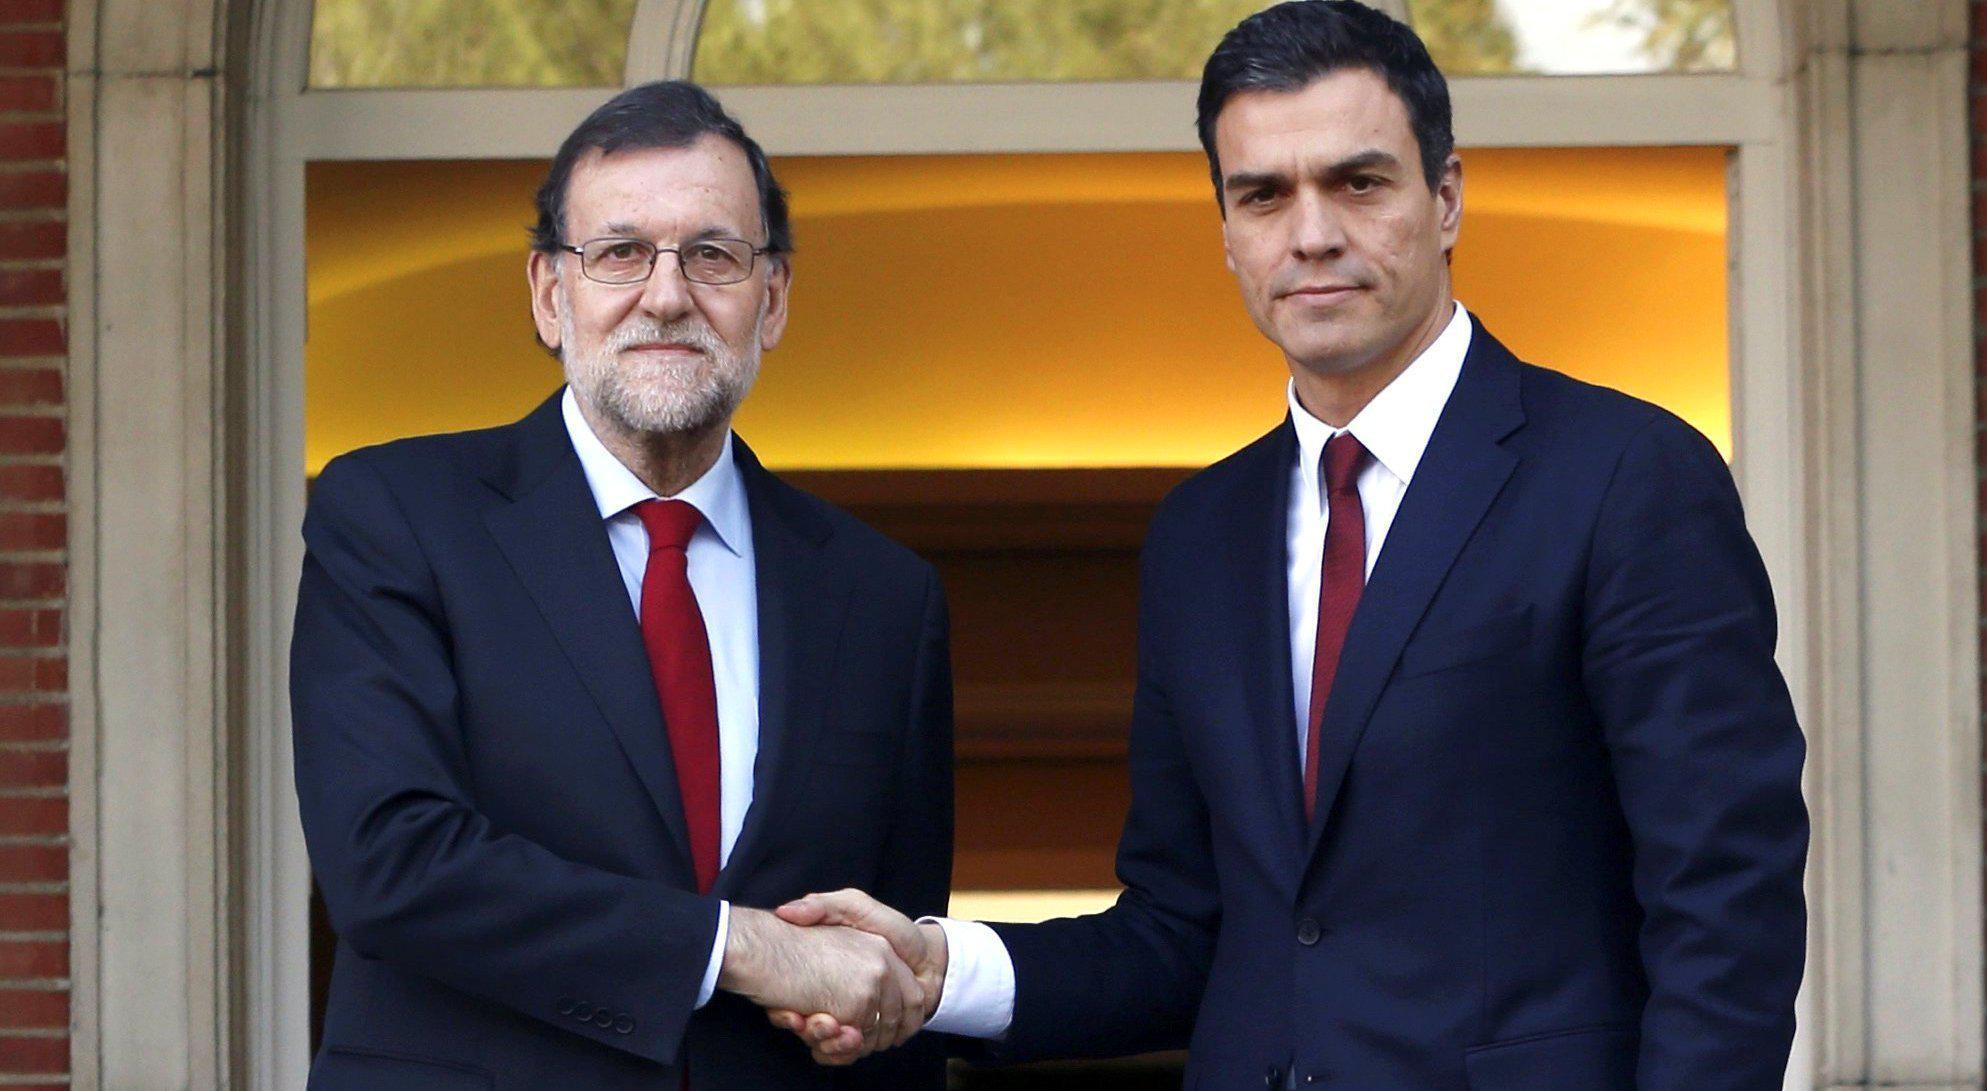 Rajoy pactará con Sánchez los nombres de los políticos que dirigirán las consejerías intervenidas